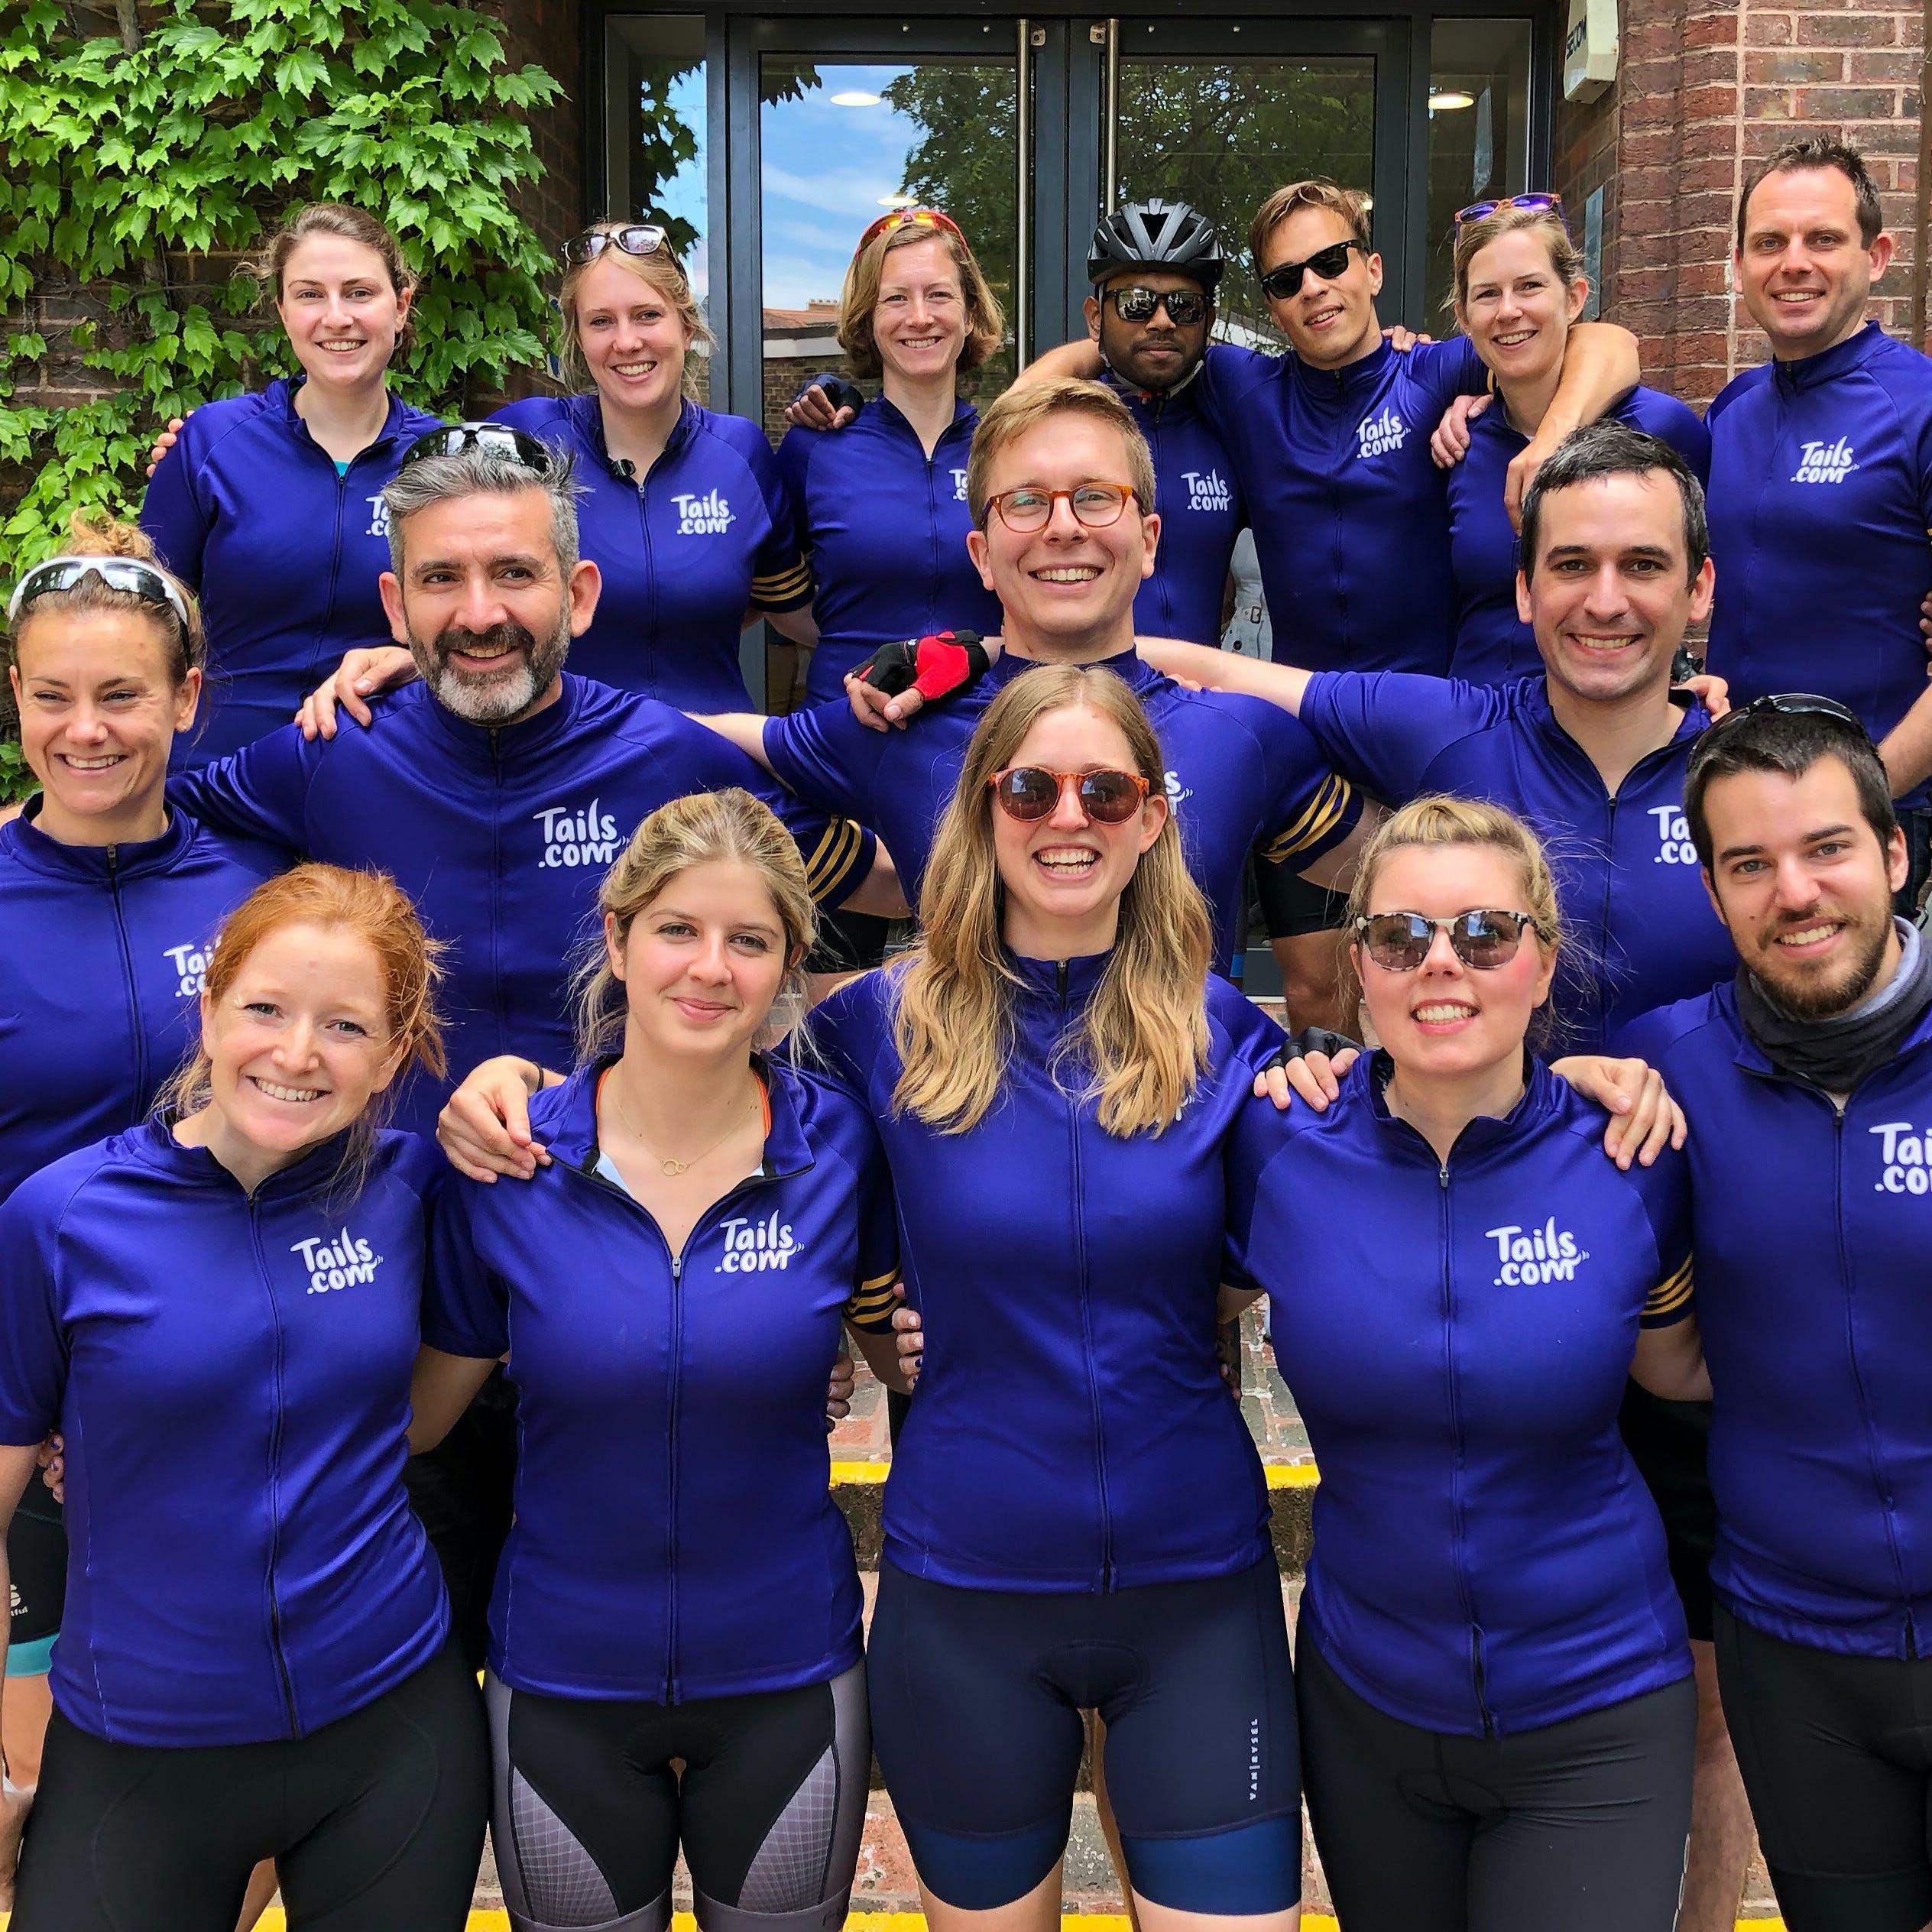 Unser Team im Rad-Outfit